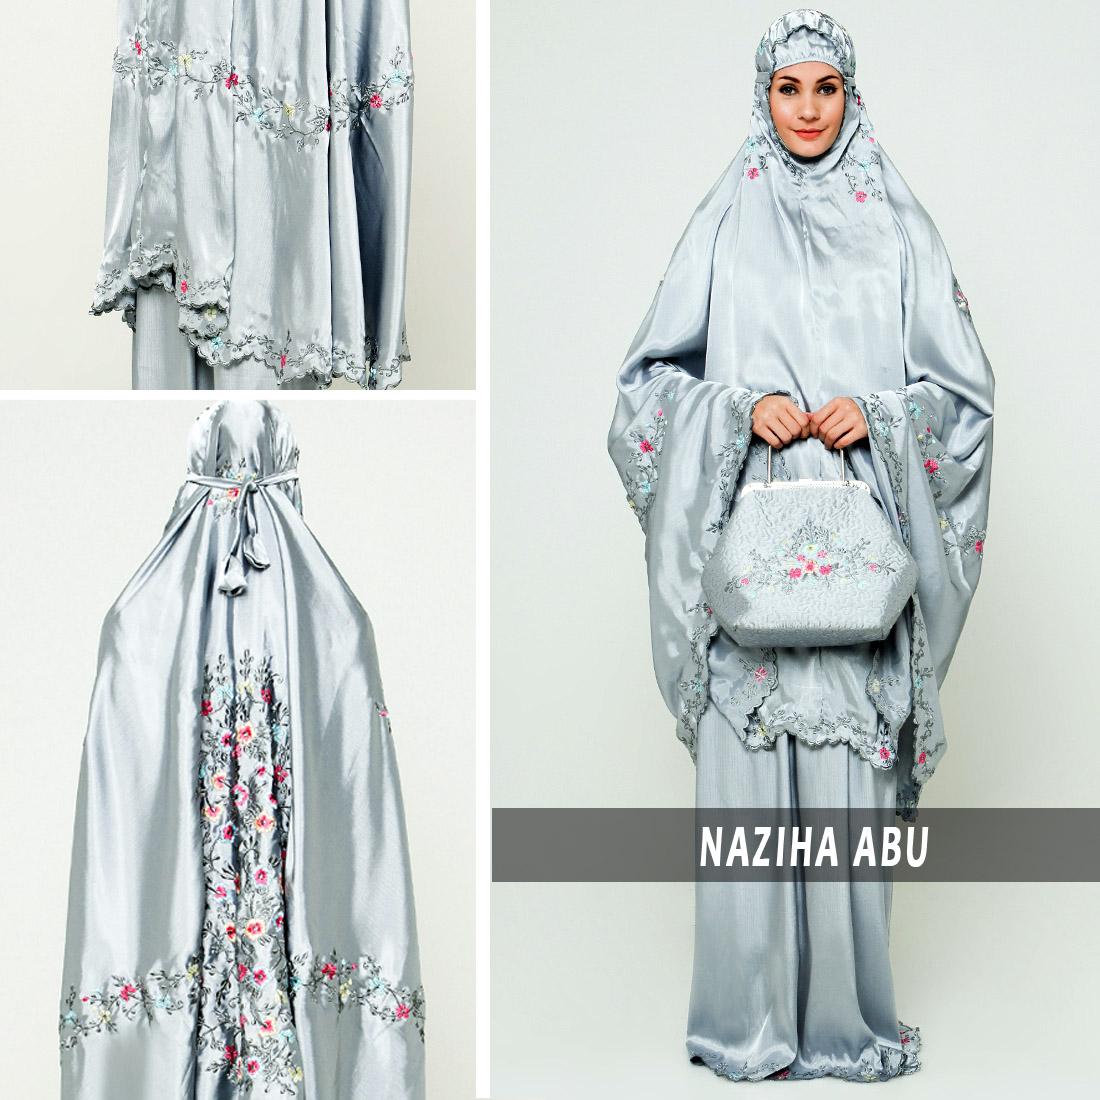 Ukhuwah Mukena Naziha Abu Daftar Harga Terkini Dan Terlengkap Bordir Homemade Hafsyah Putih Jual